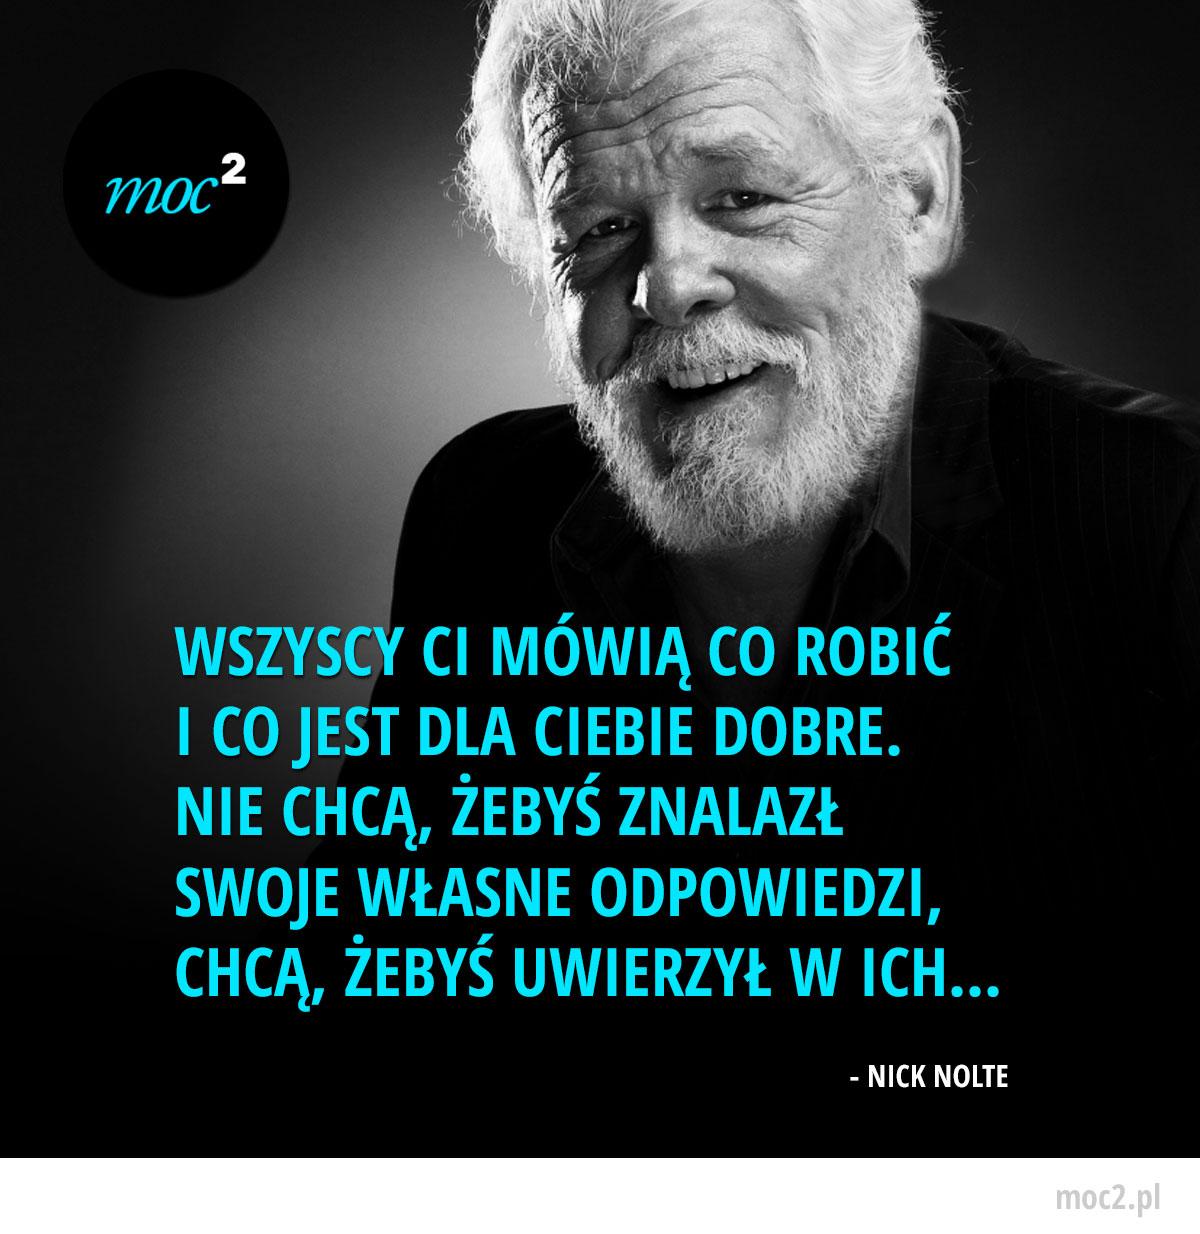 Motywacja - Wszyscy Ci mówią co robić i co jest dla Ciebie dobre. Nie chcą, żebyś znalazł swoje własne odpowiedzi, chcą, żebyś uwierzył w ich... - Nick Nolte / Socrates